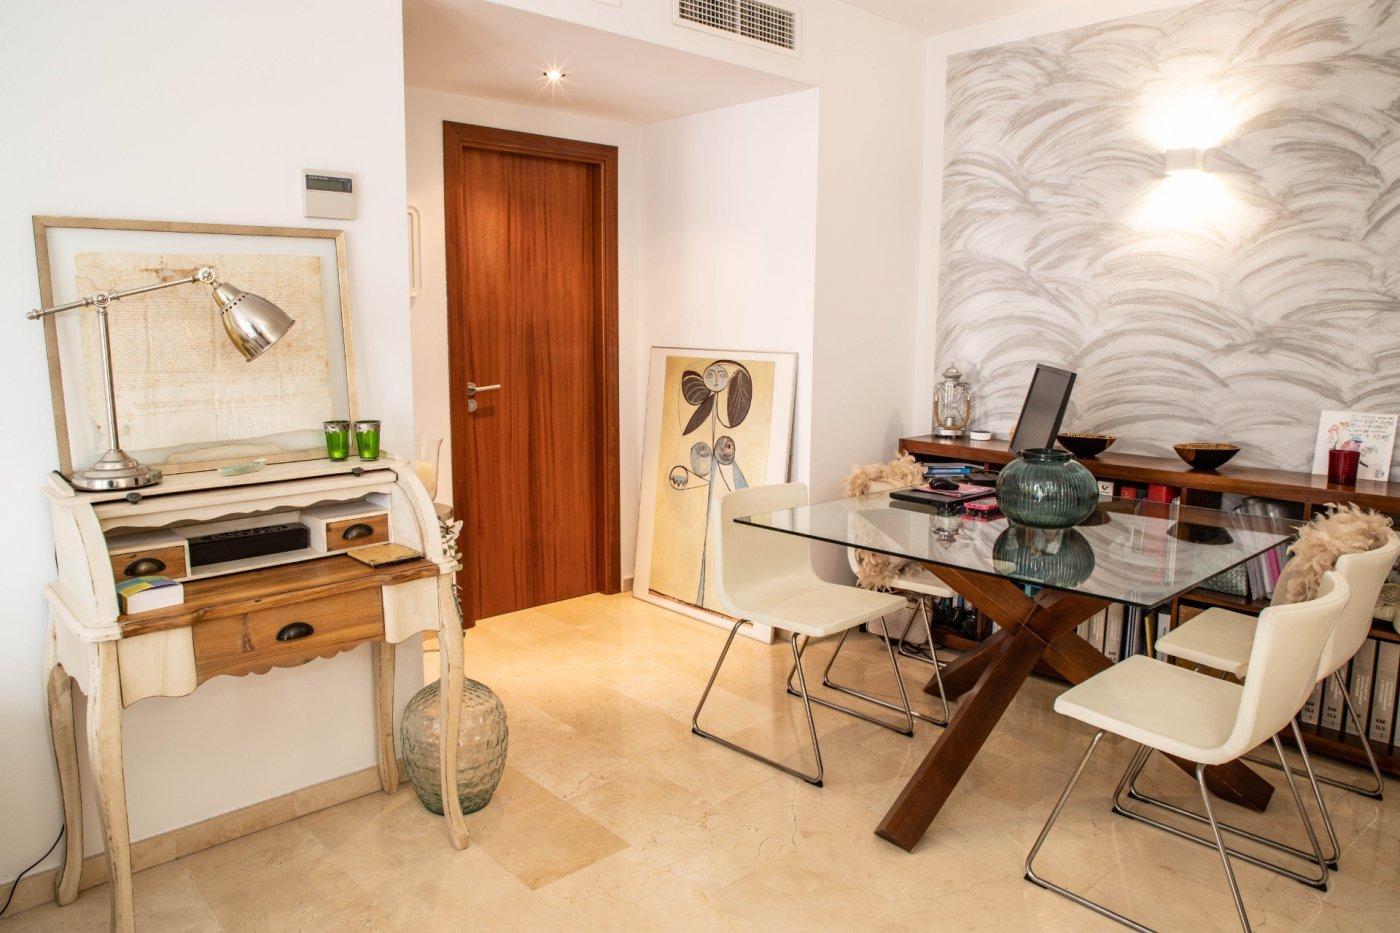 En venta espectacular piso en el terreno cerca al paseo maritimo - imagenInmueble6